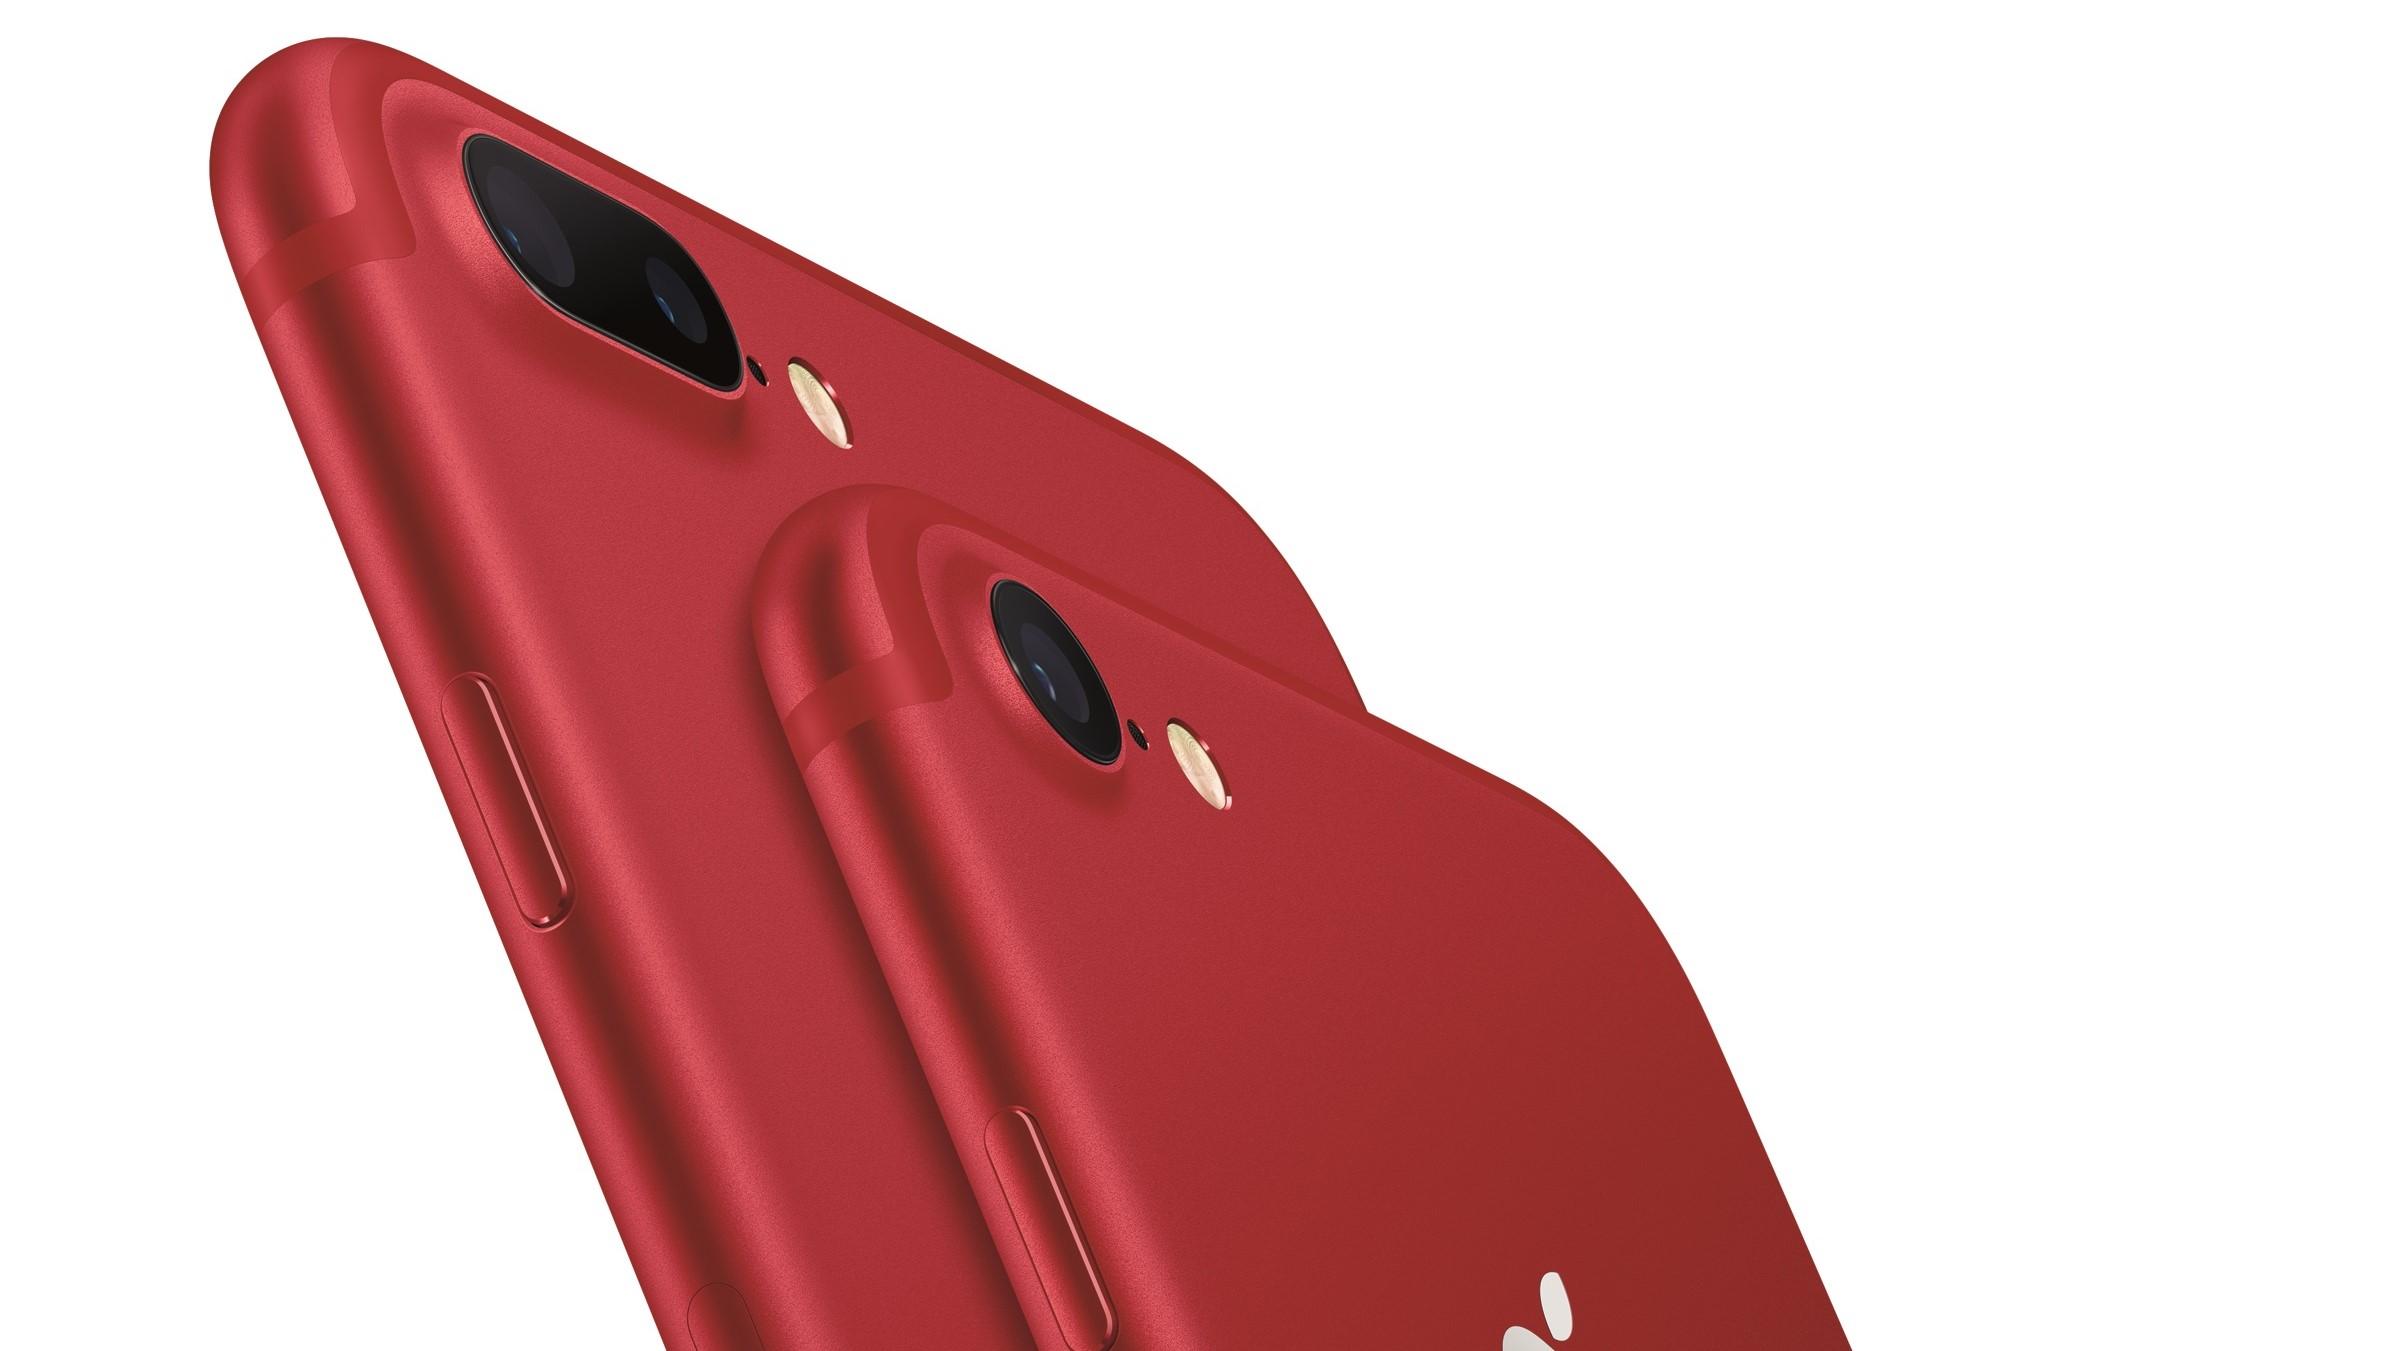 Organisasjonen CCIA mener at en importstans for iPhone i verste fall vil ødelegge for kundene.